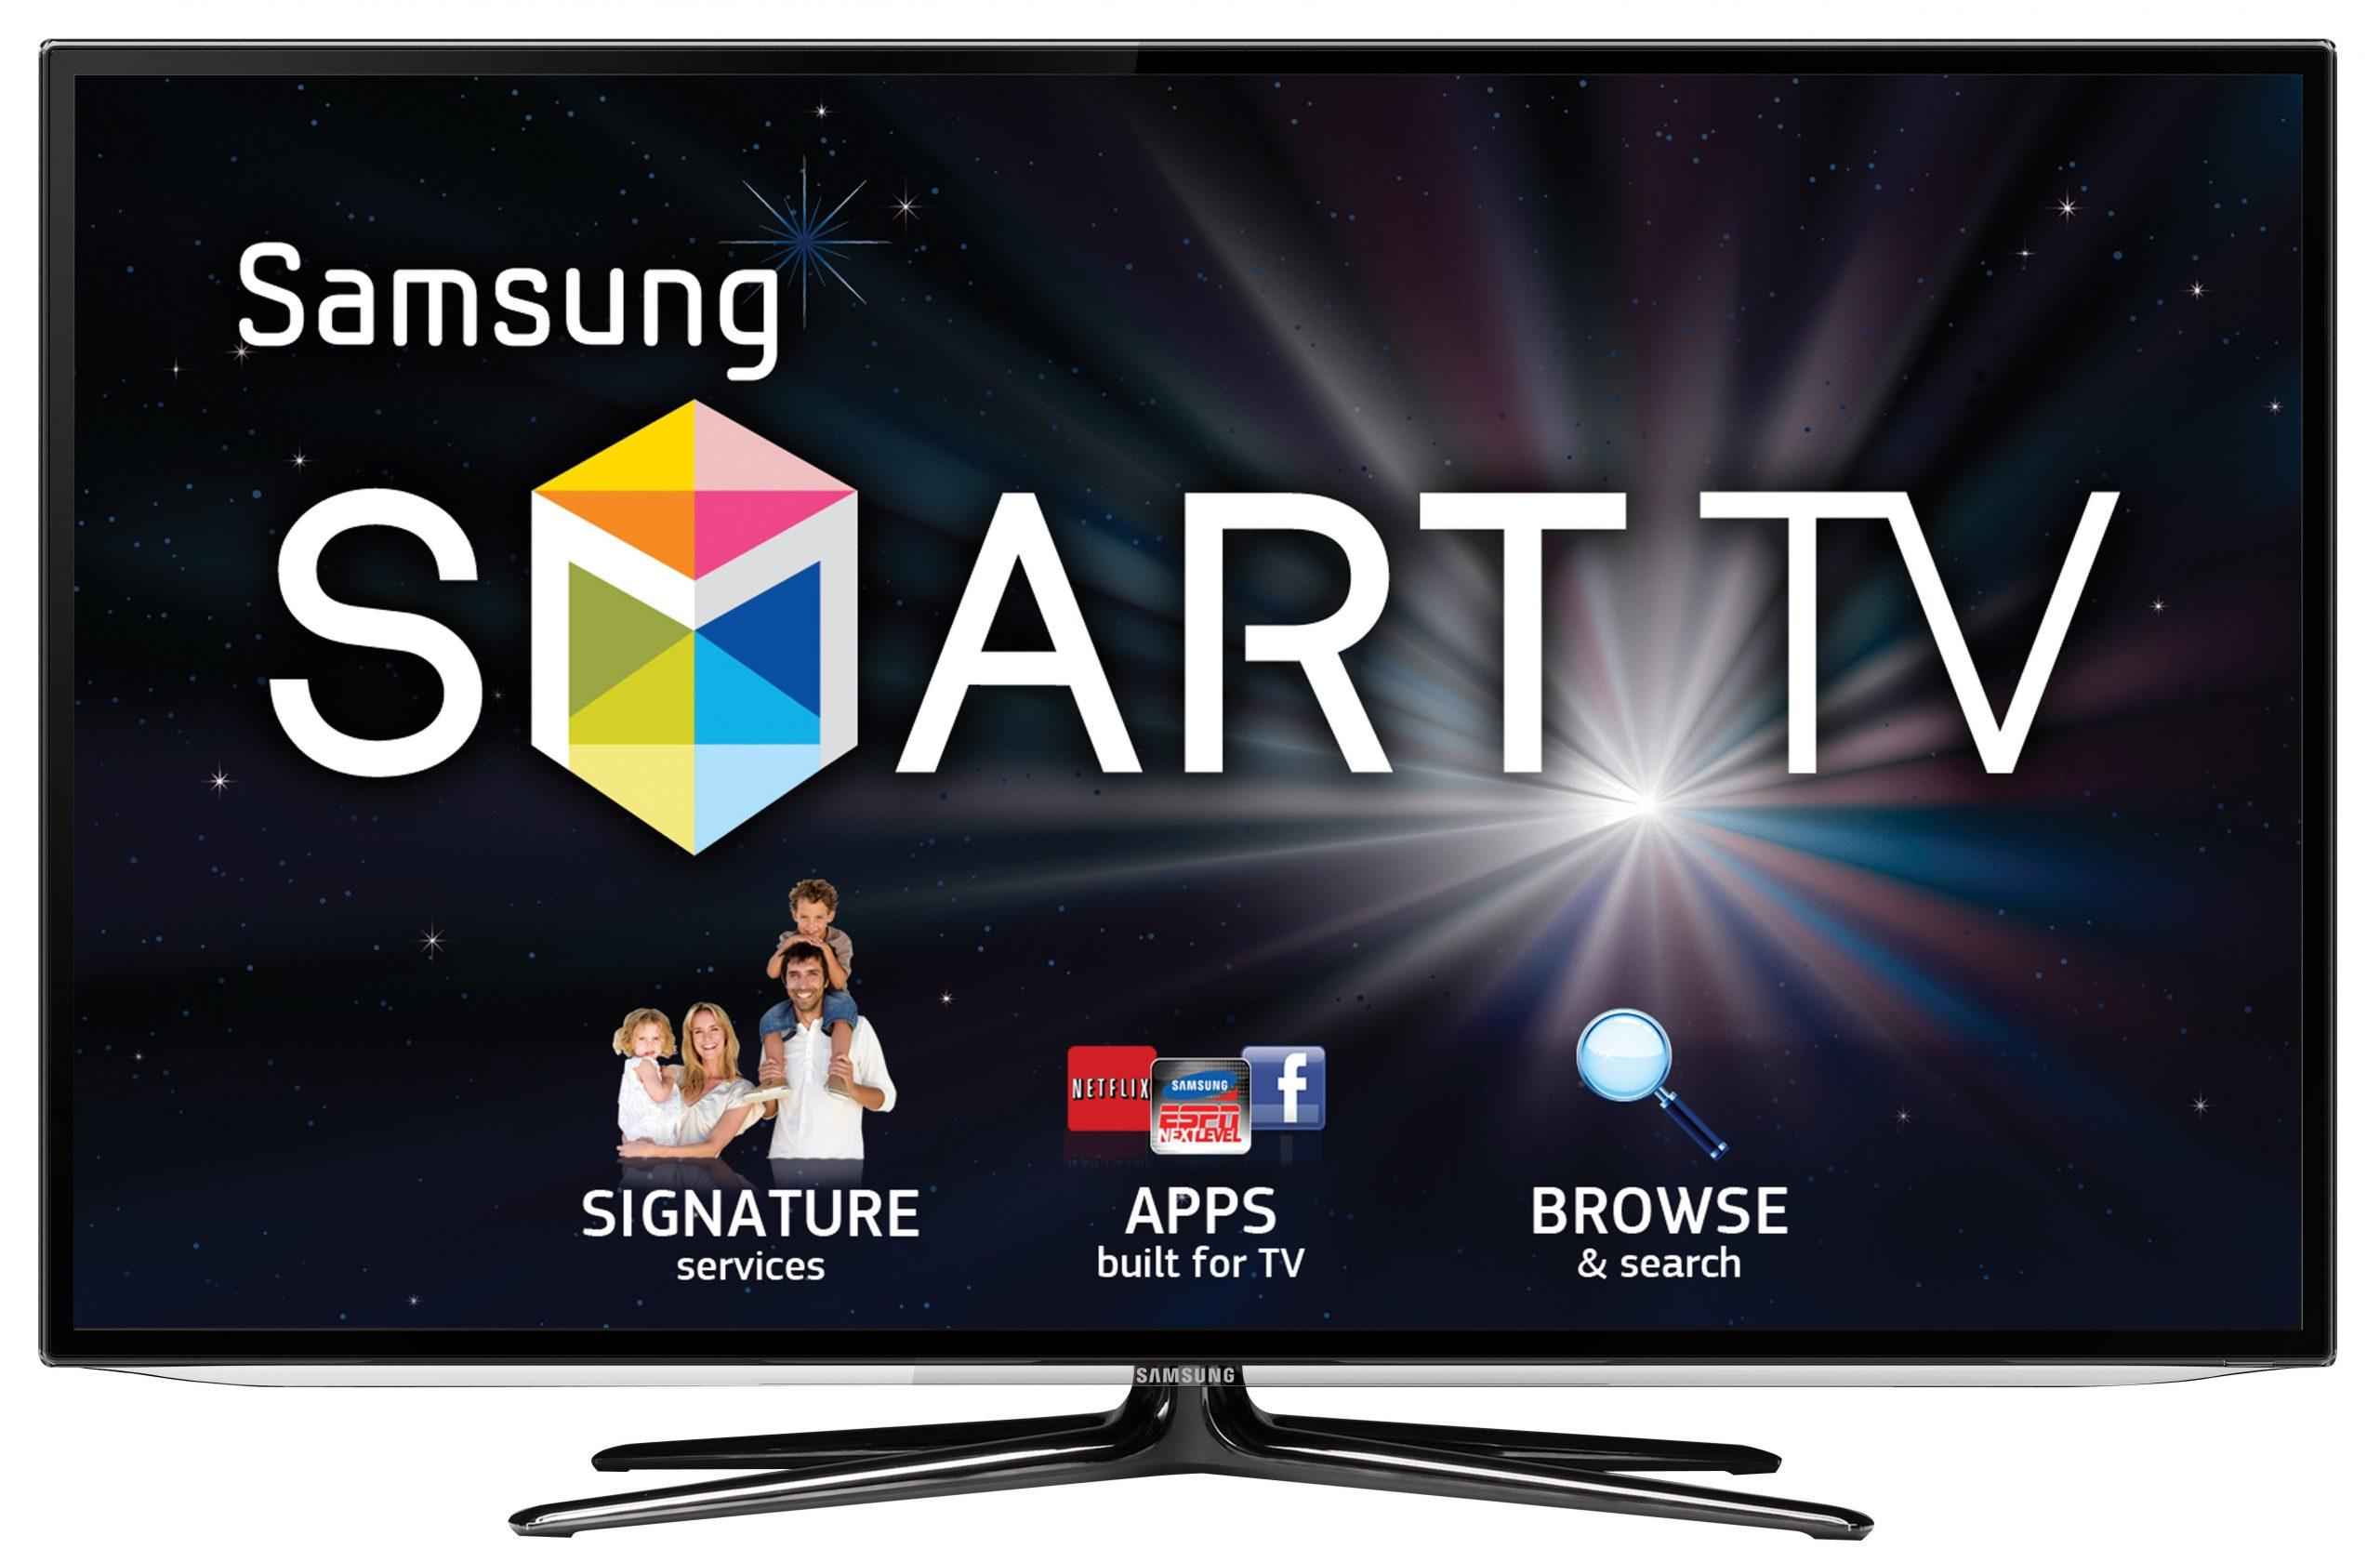 Elucidate 7 Features Of Samsung Smart TV